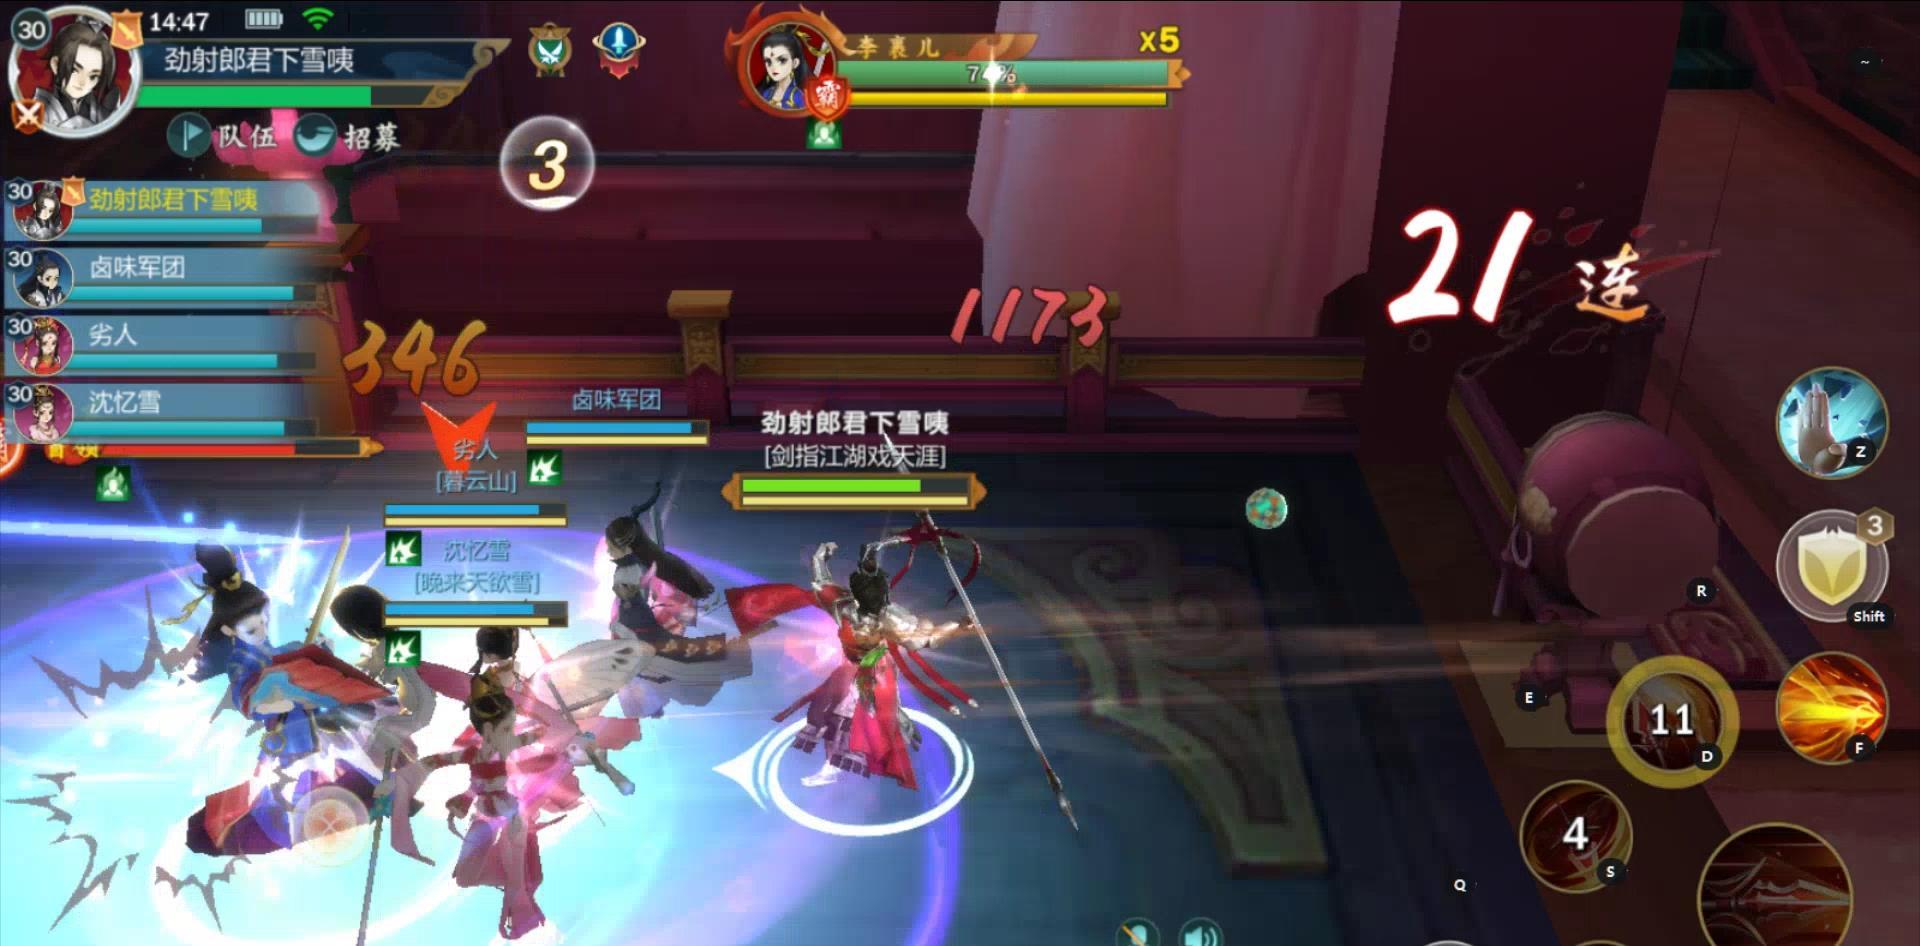 《剑网3指尖江湖》纯阳装备属性介绍 纯阳装备... _九游手机游戏